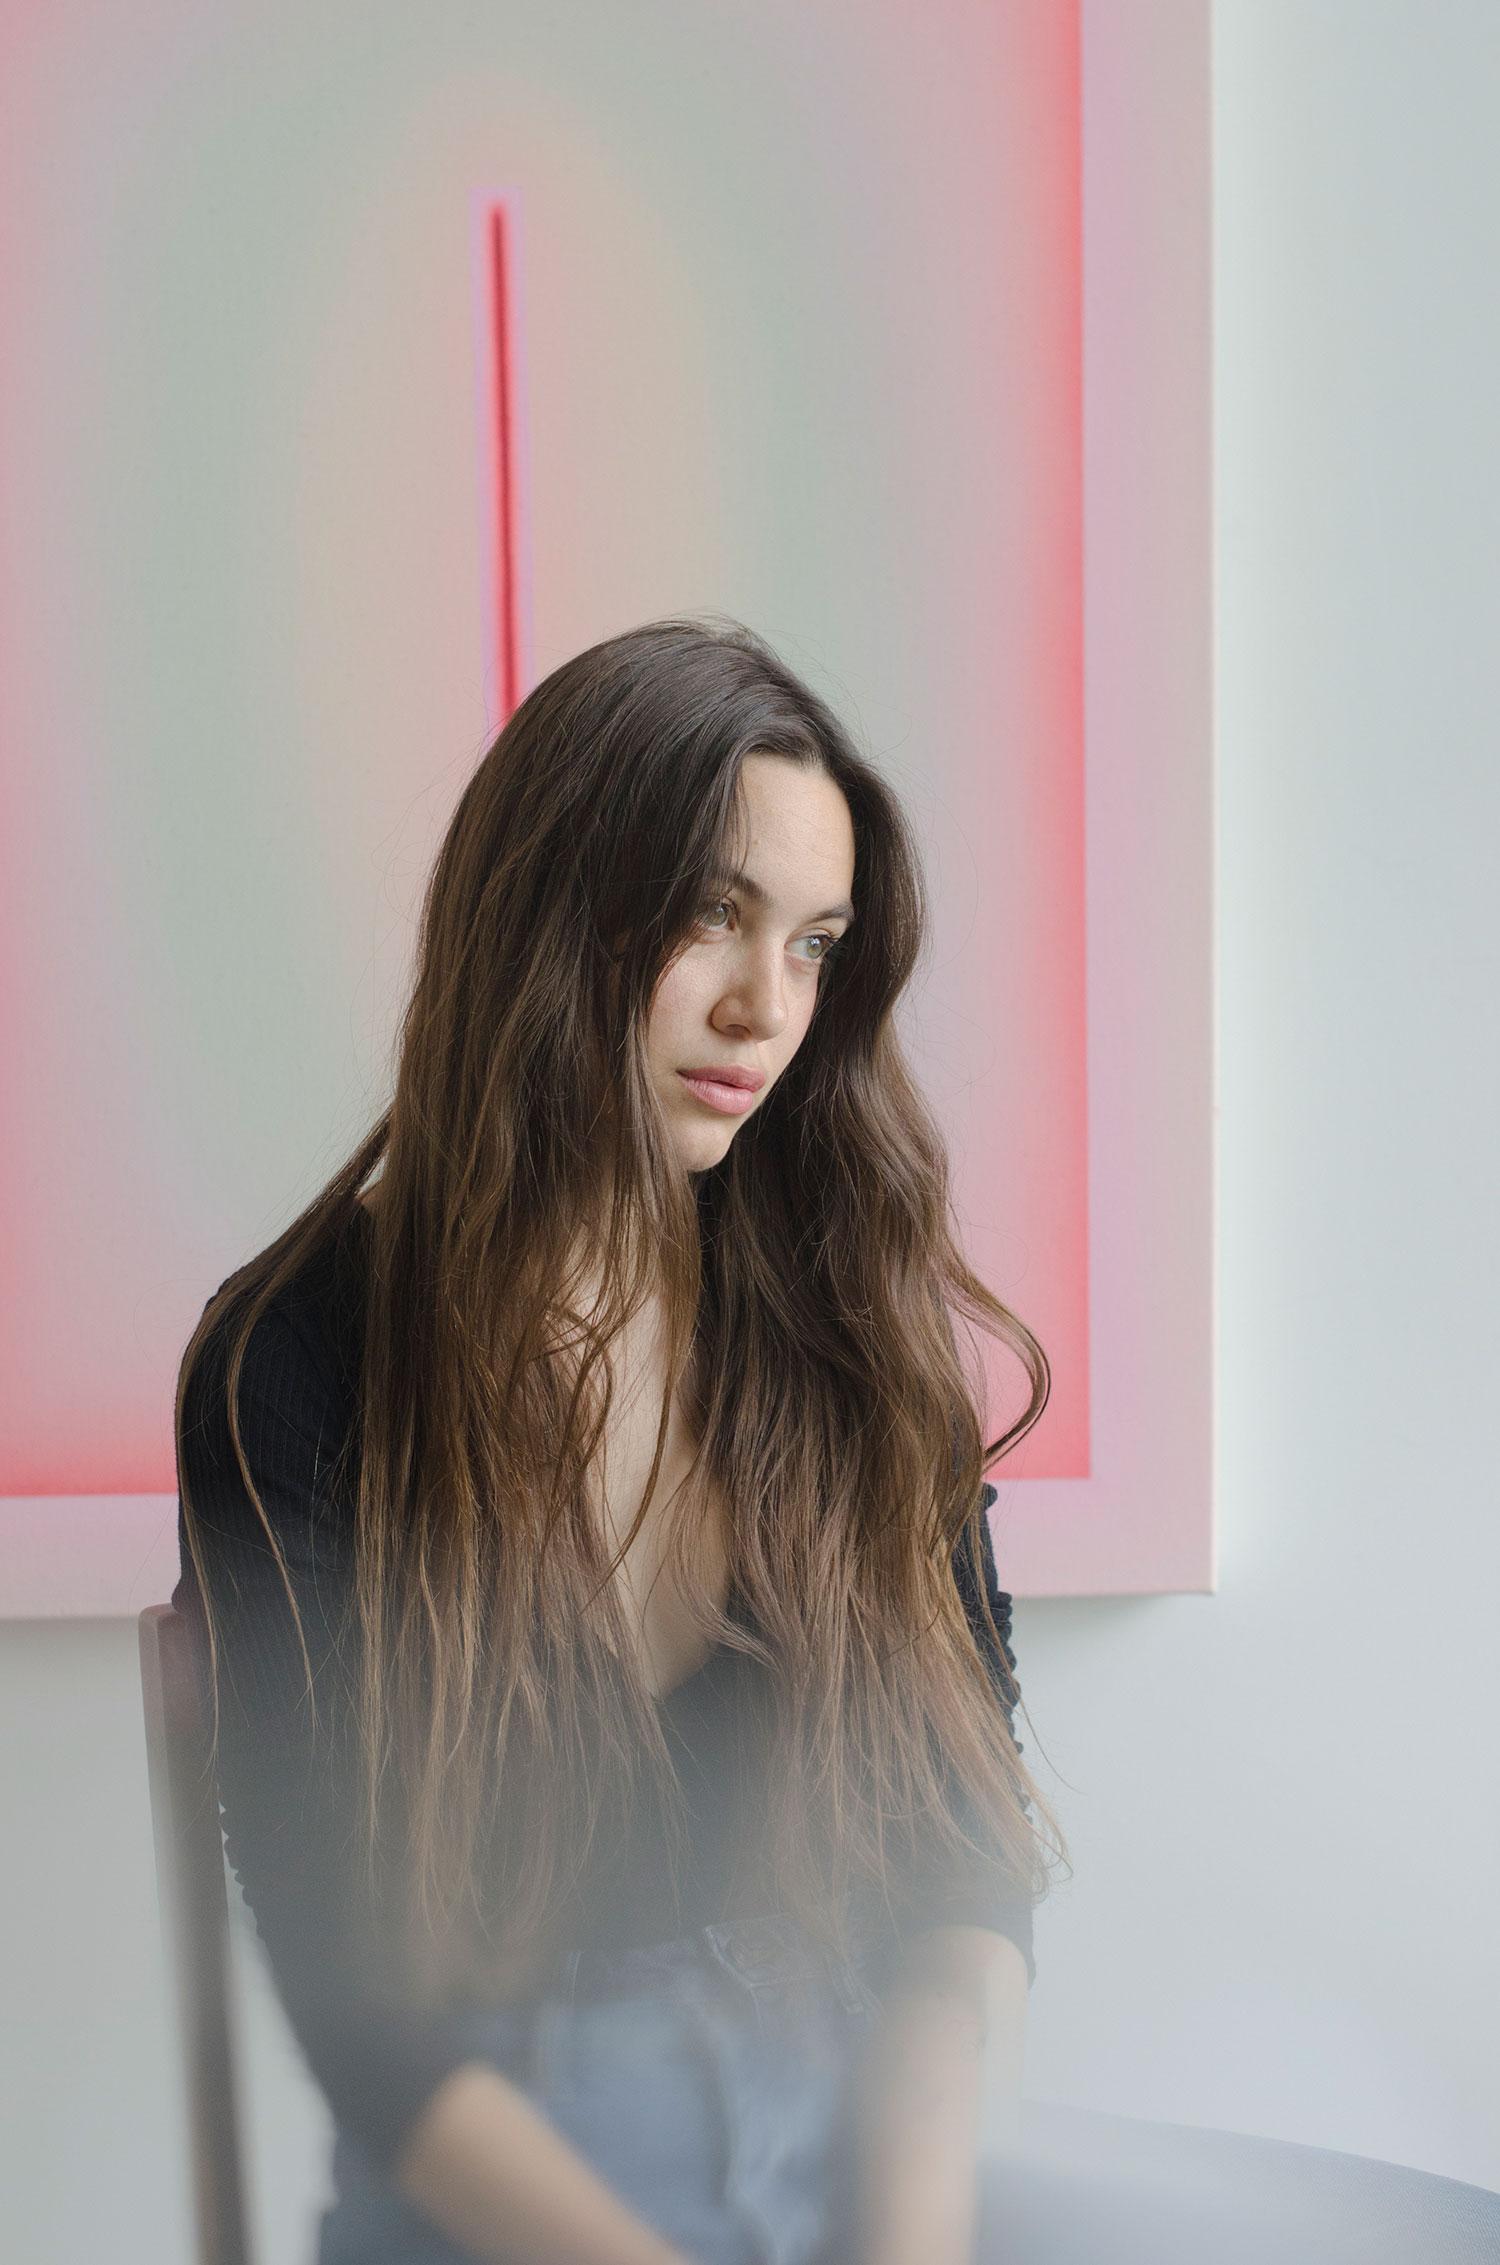 Alina Birkner in her studio, photo by Jane Baehren